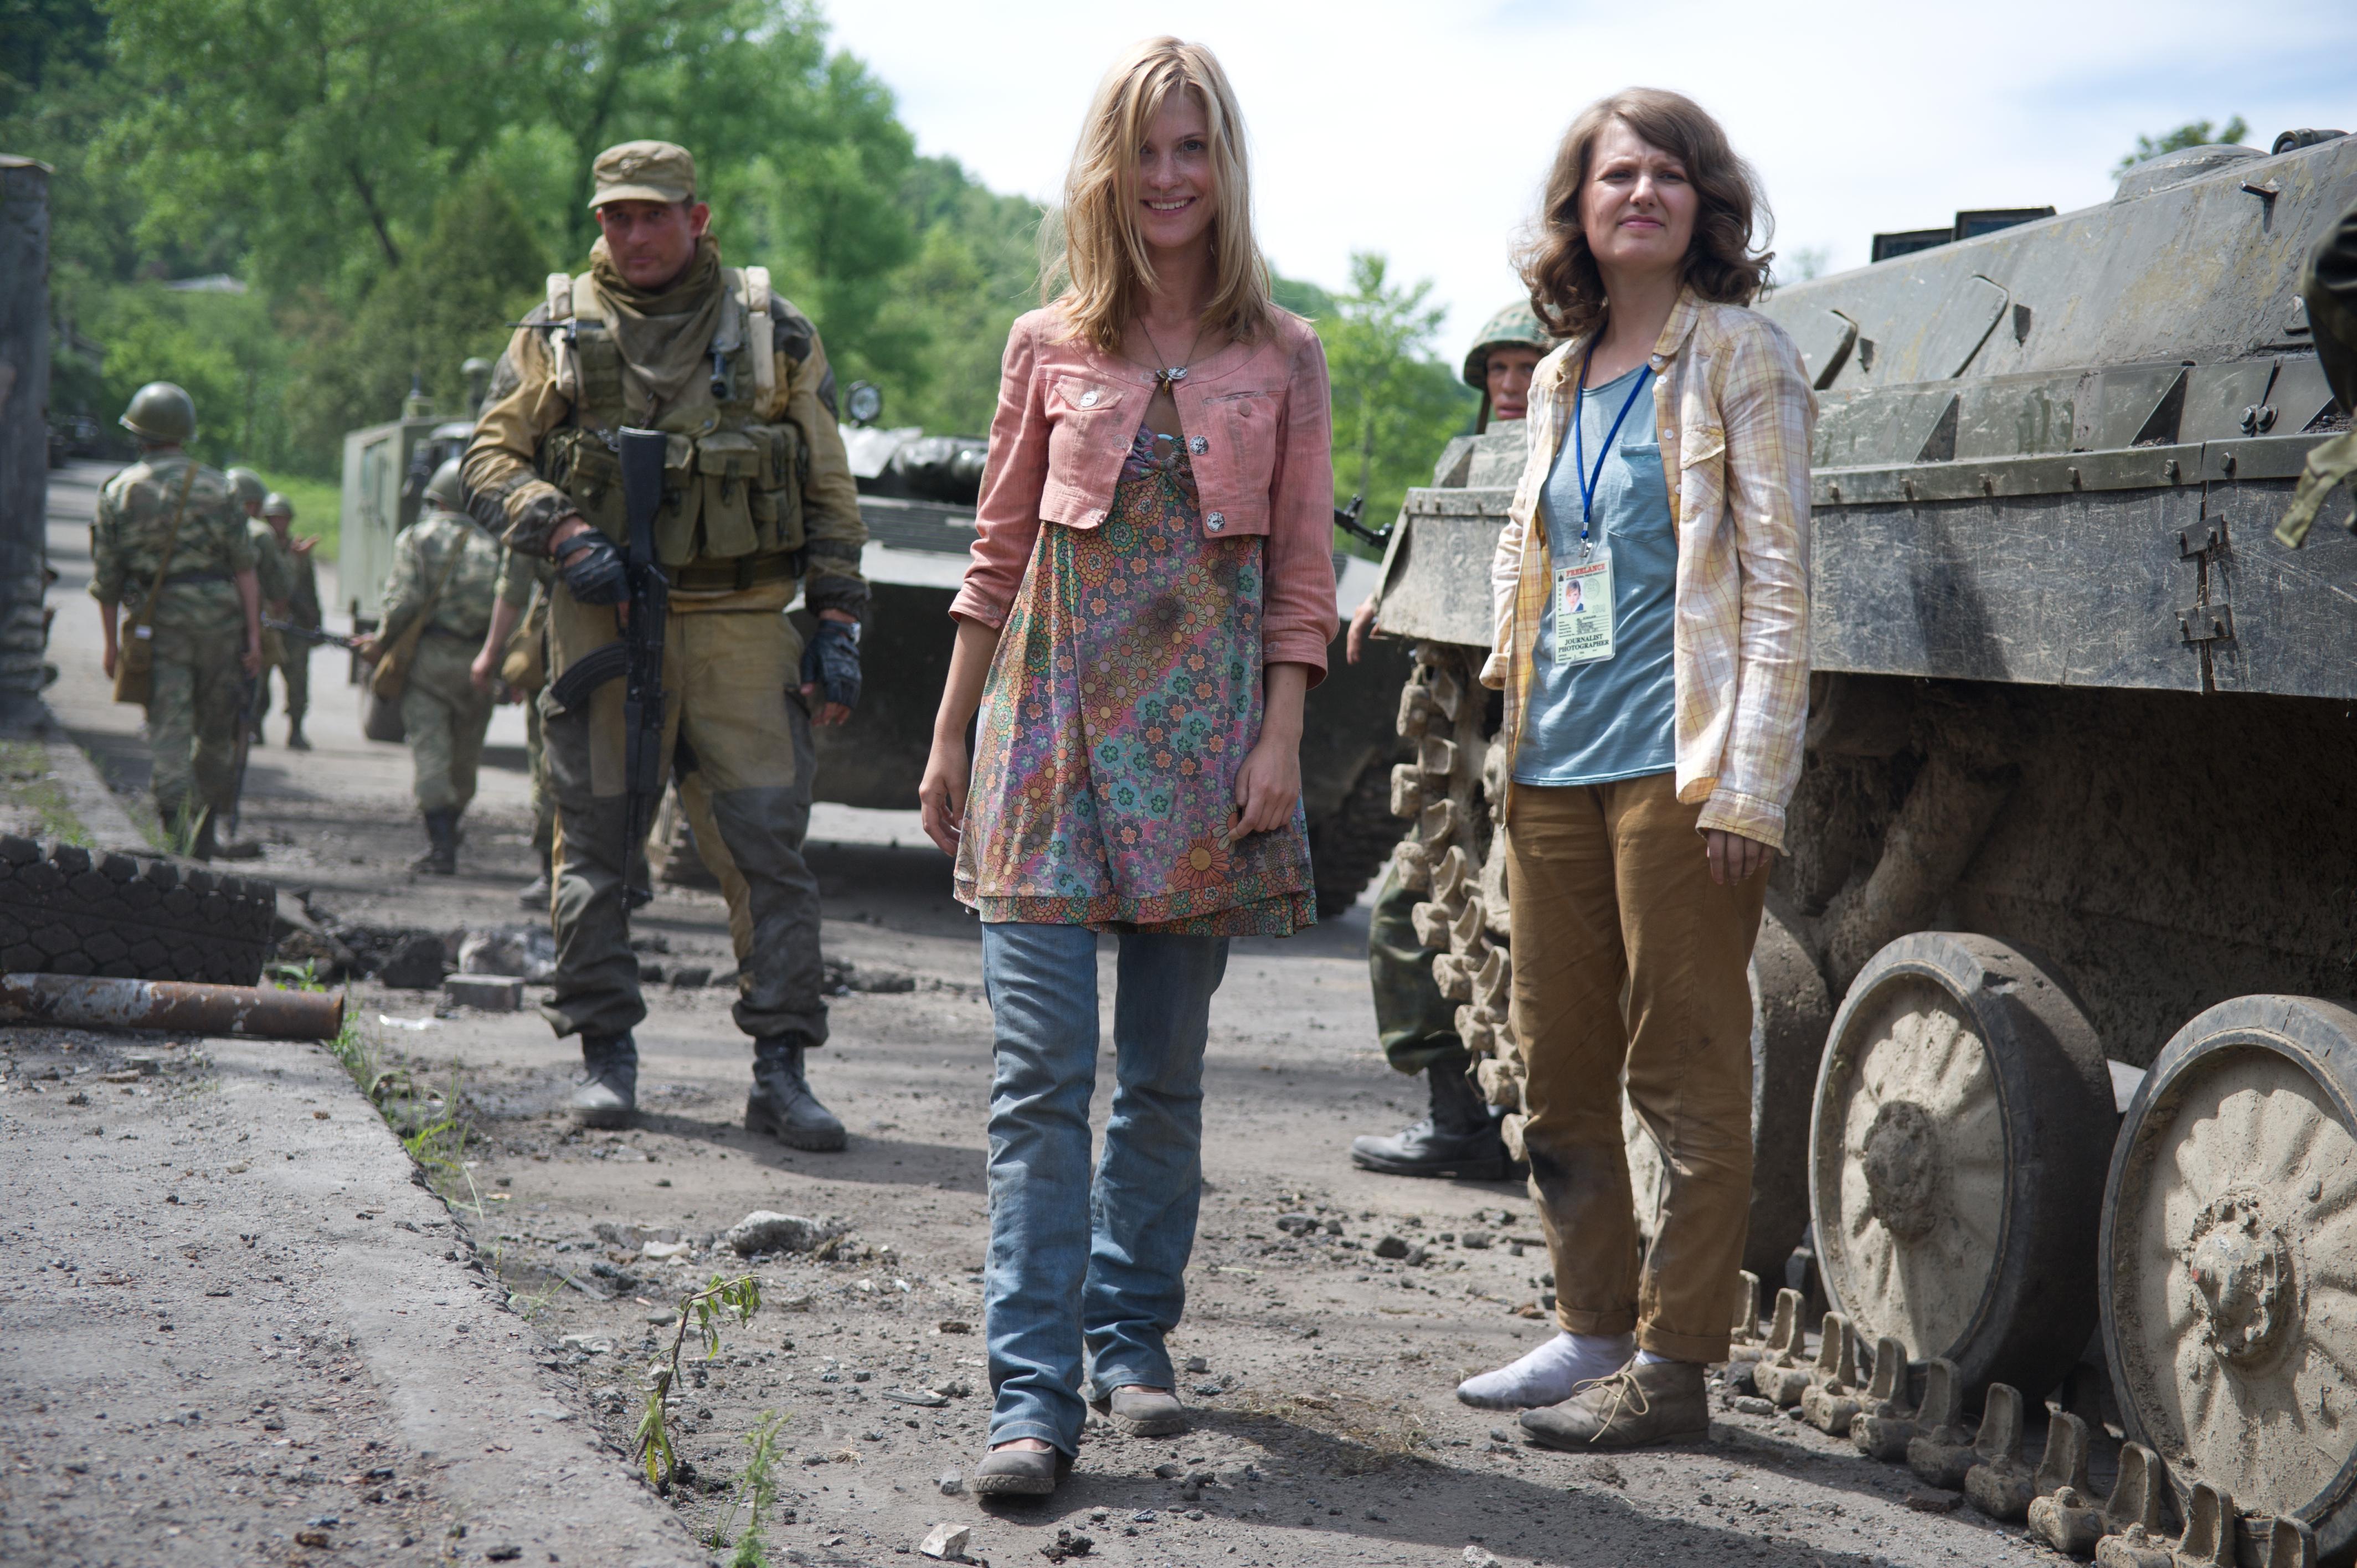 Рудова август восьмого рецензия на фильм талисманы заговоры деньги